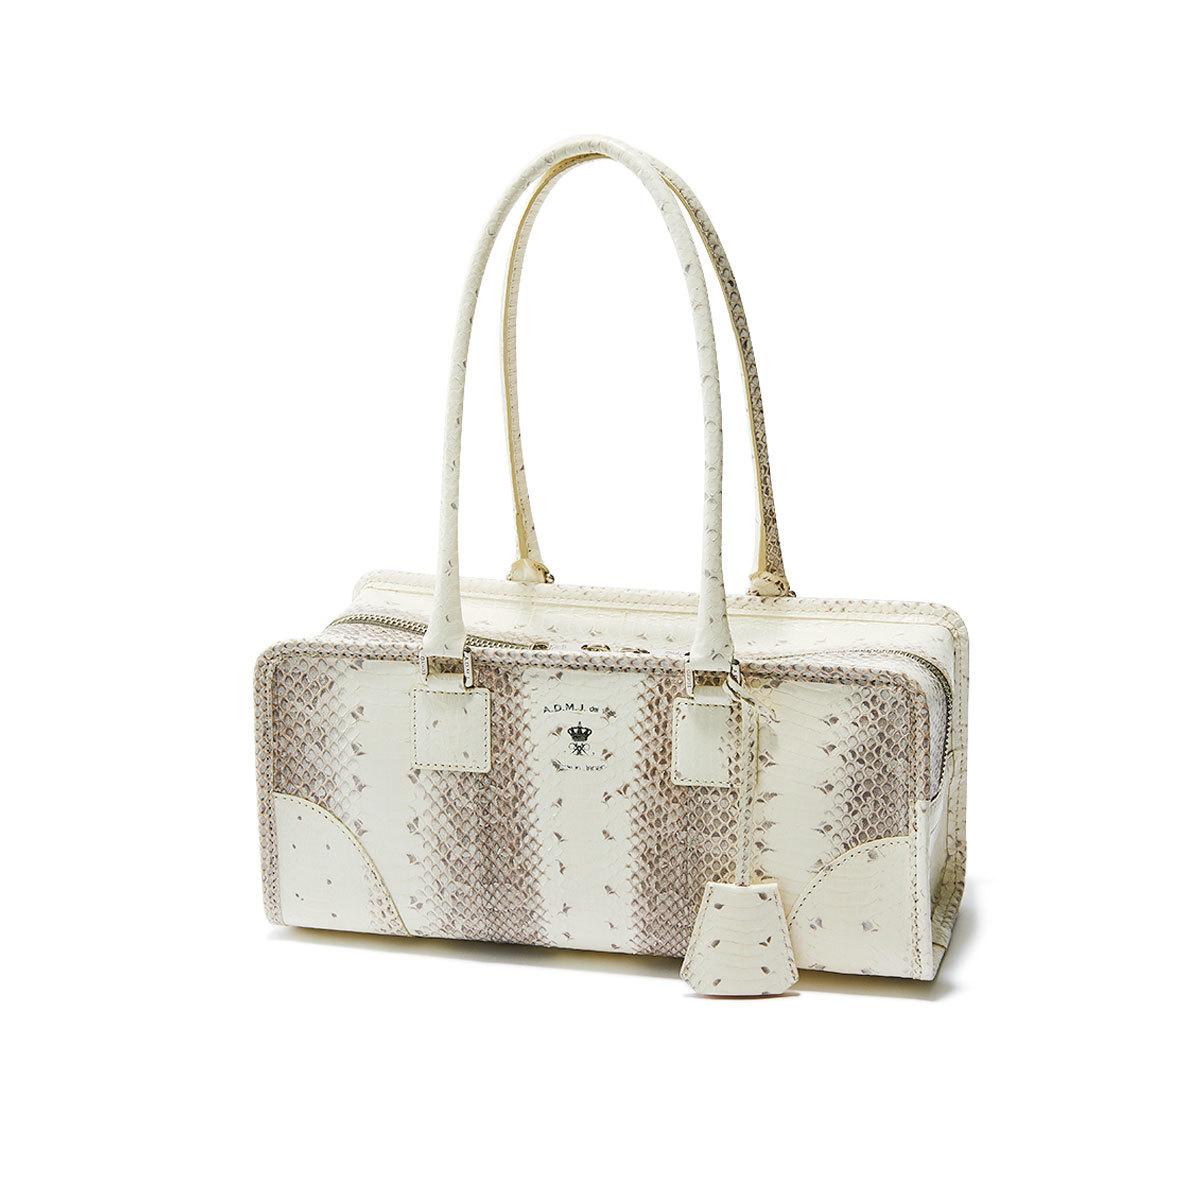 夏に映える小物&洗練小ぶりバッグ【おしゃれプロの「これ買っちゃいました!」】_1_1-4